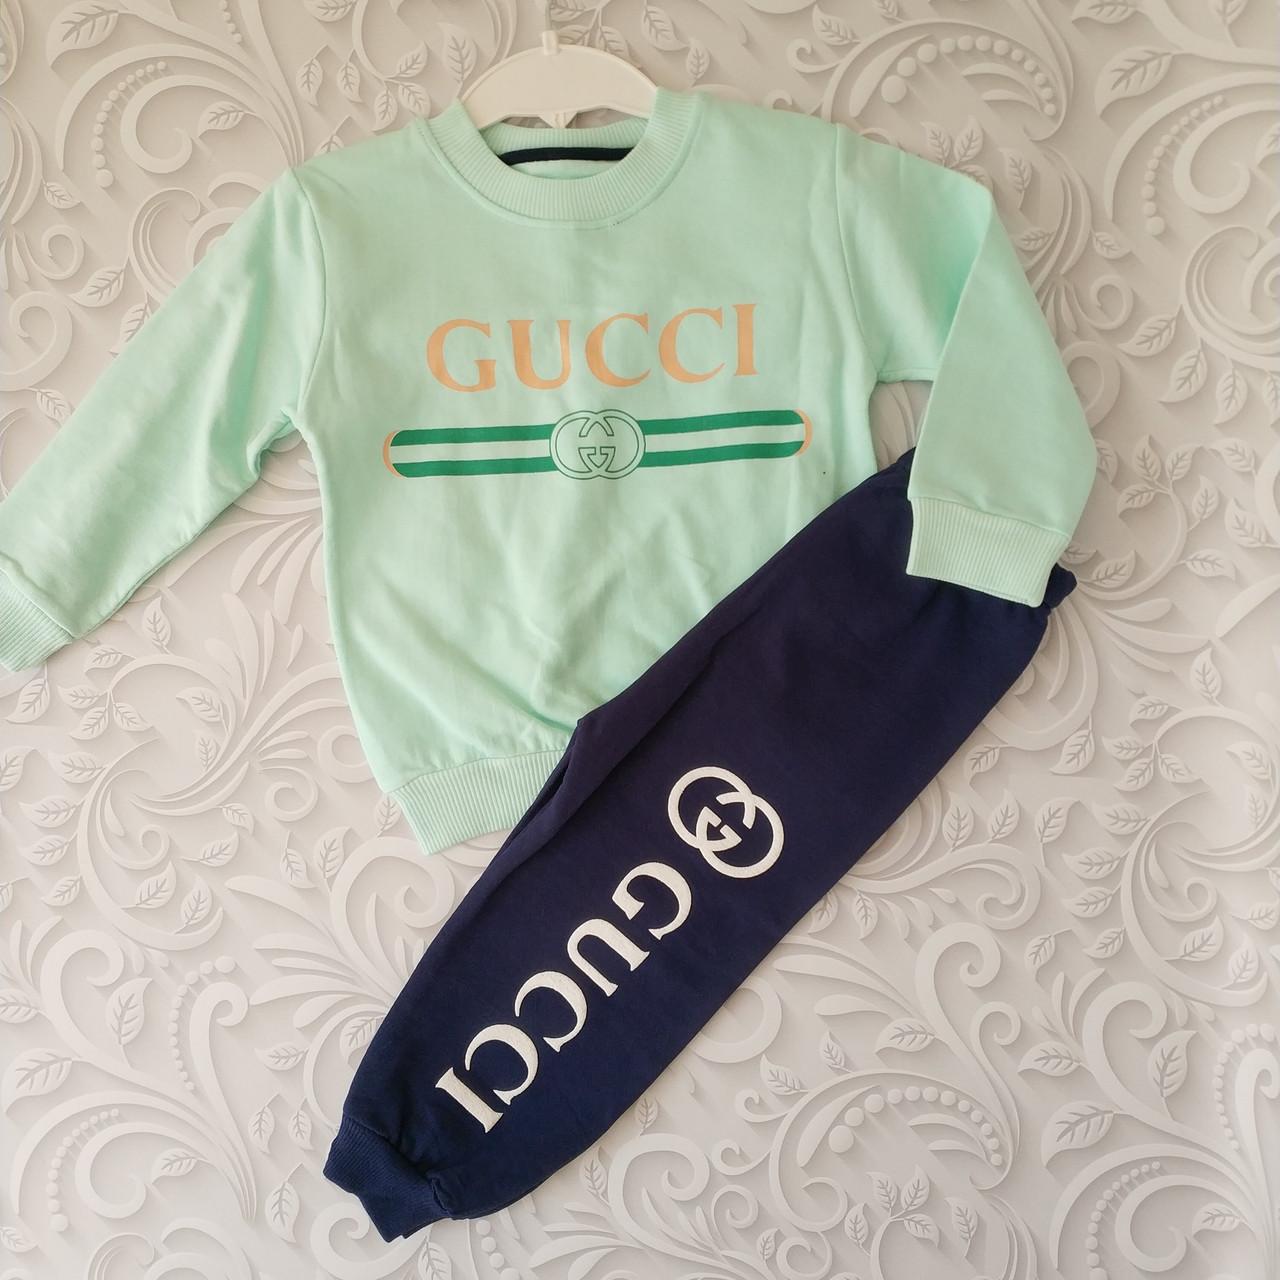 Спортивный костюм Gucci, 1,5-5 лет, мятный